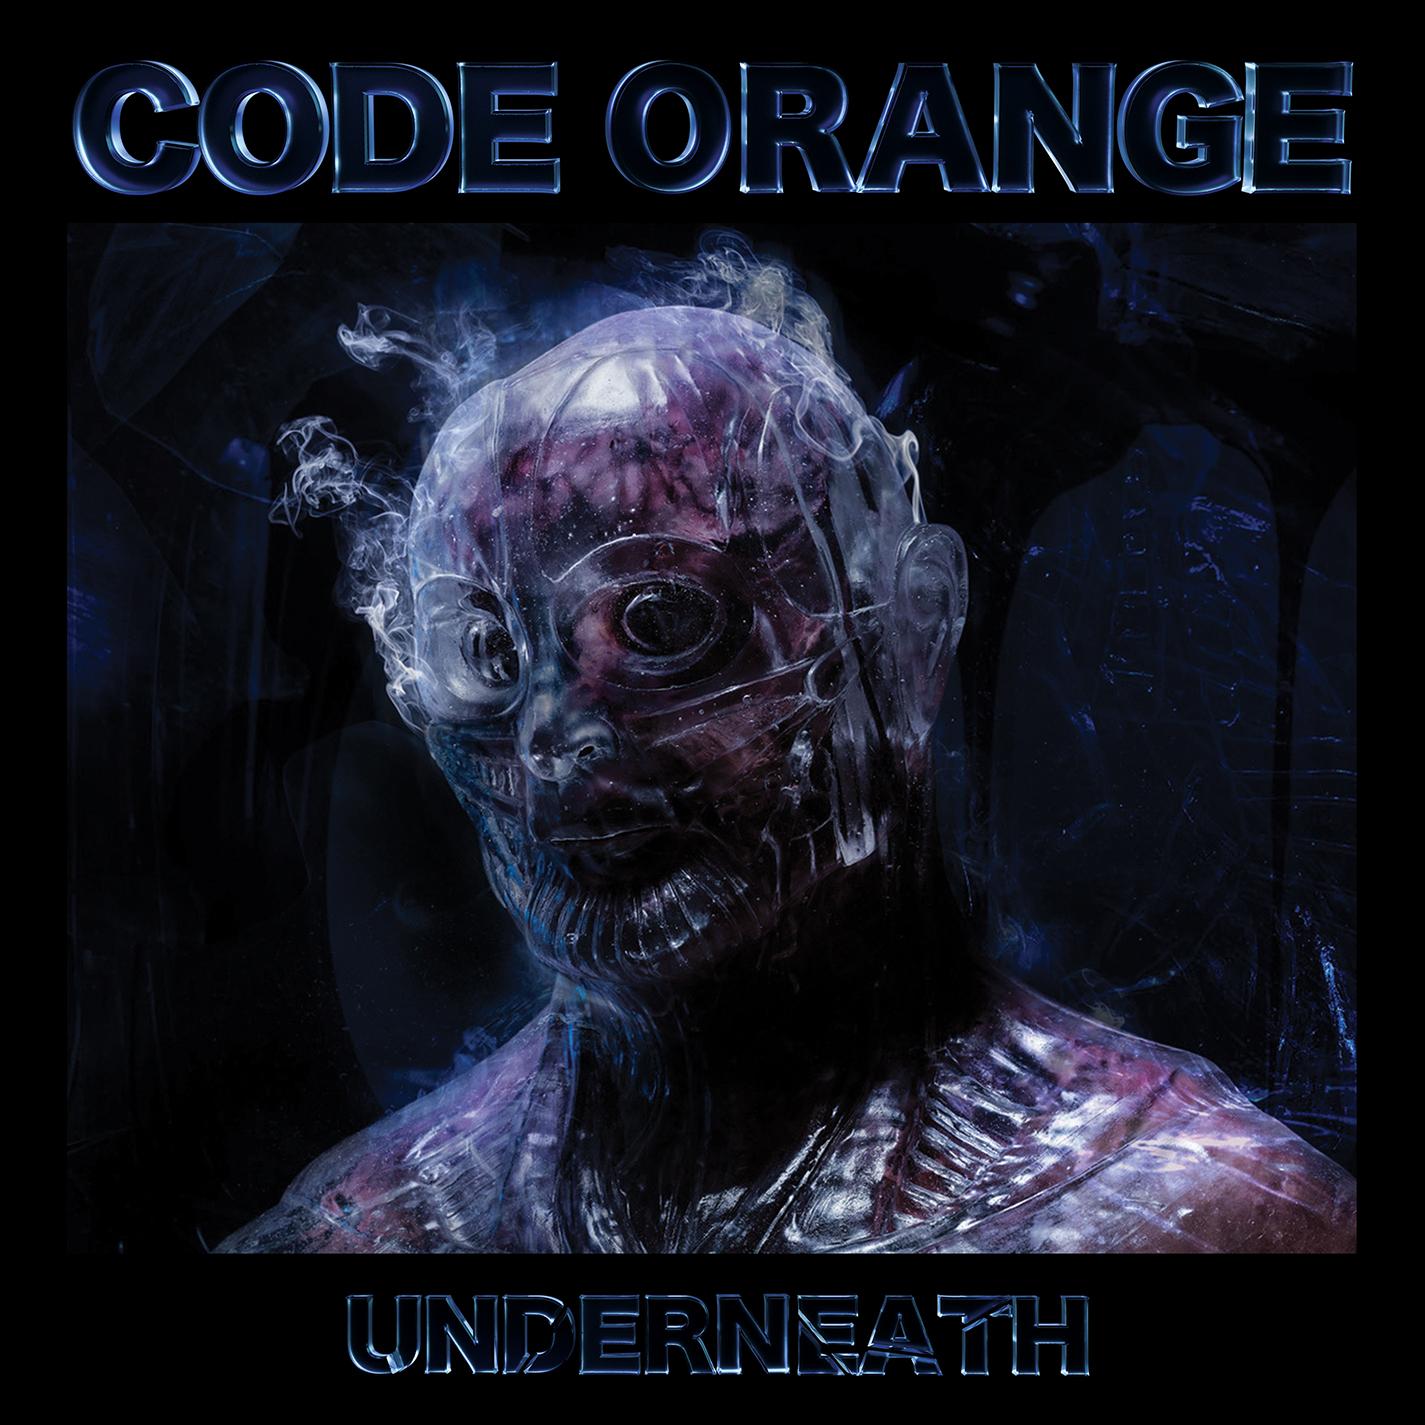 Code Orange - Underneath album art